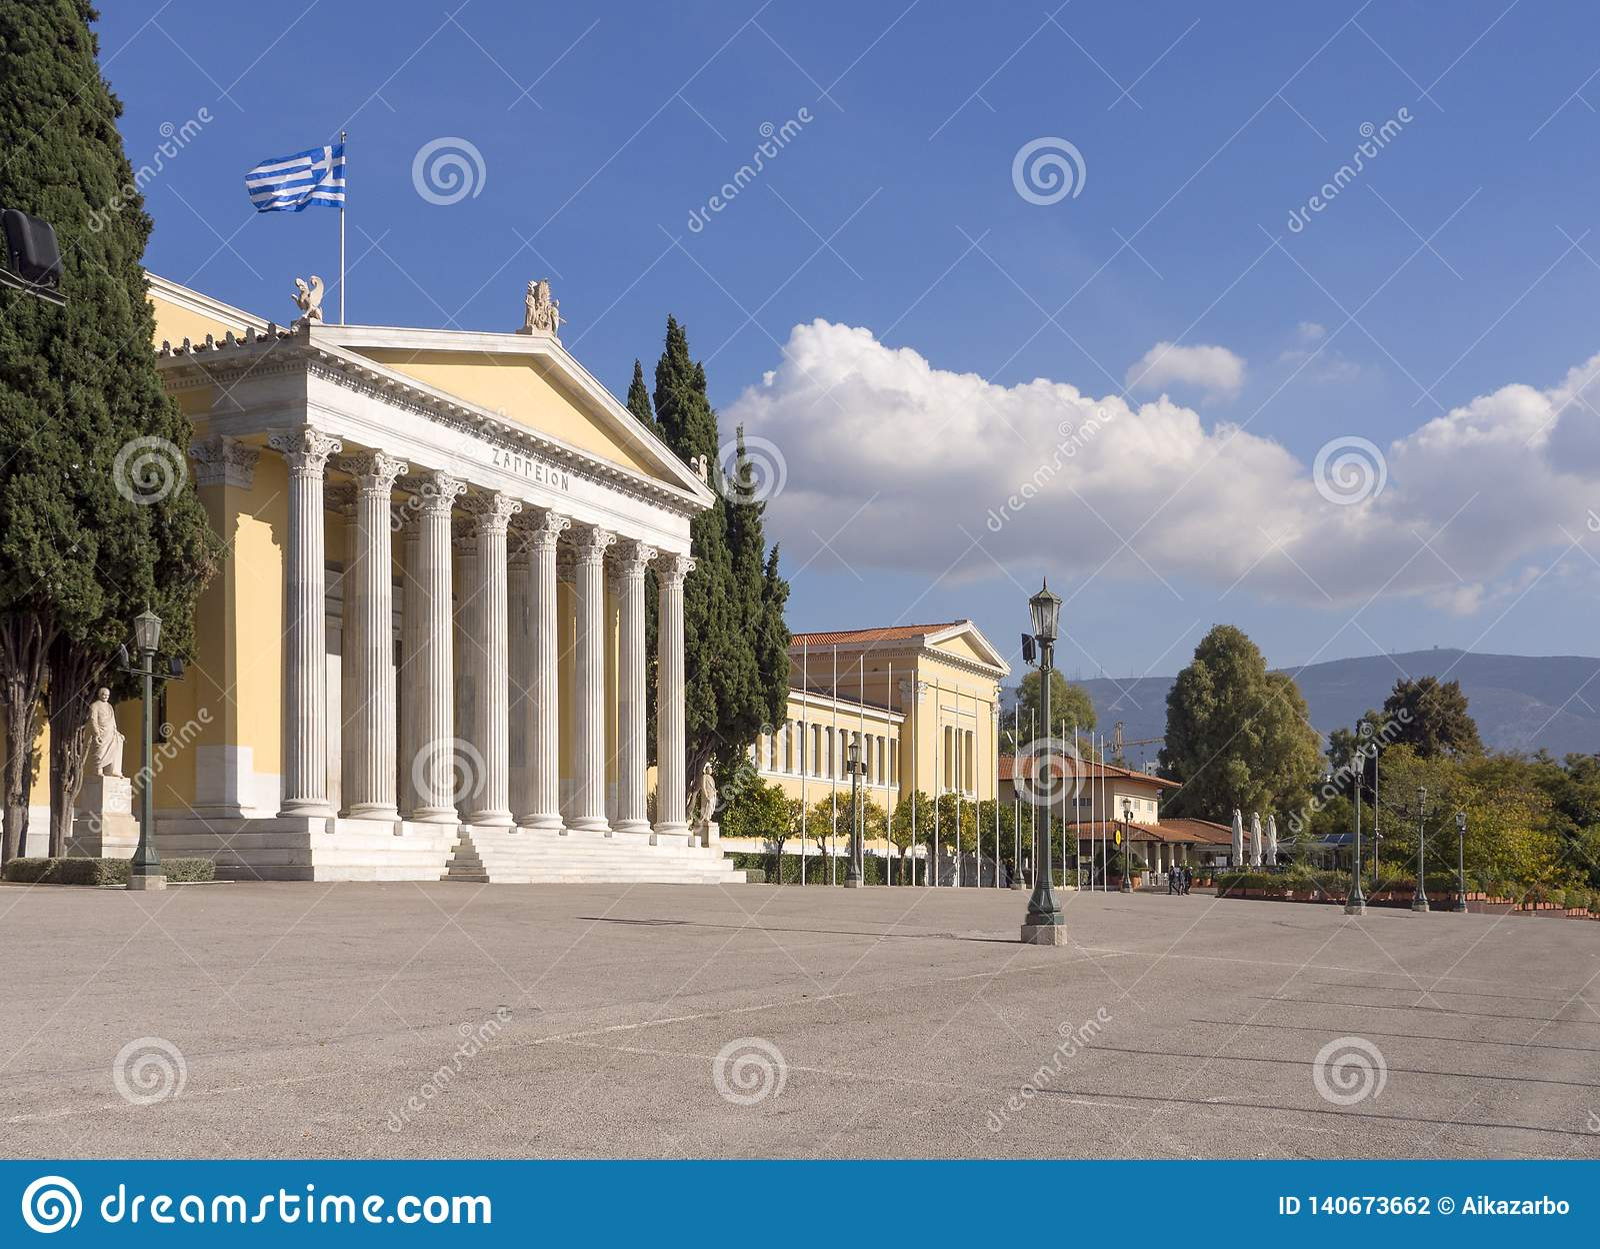 Zappeion - uma construção no estilo clássico em Atenas, Grécia